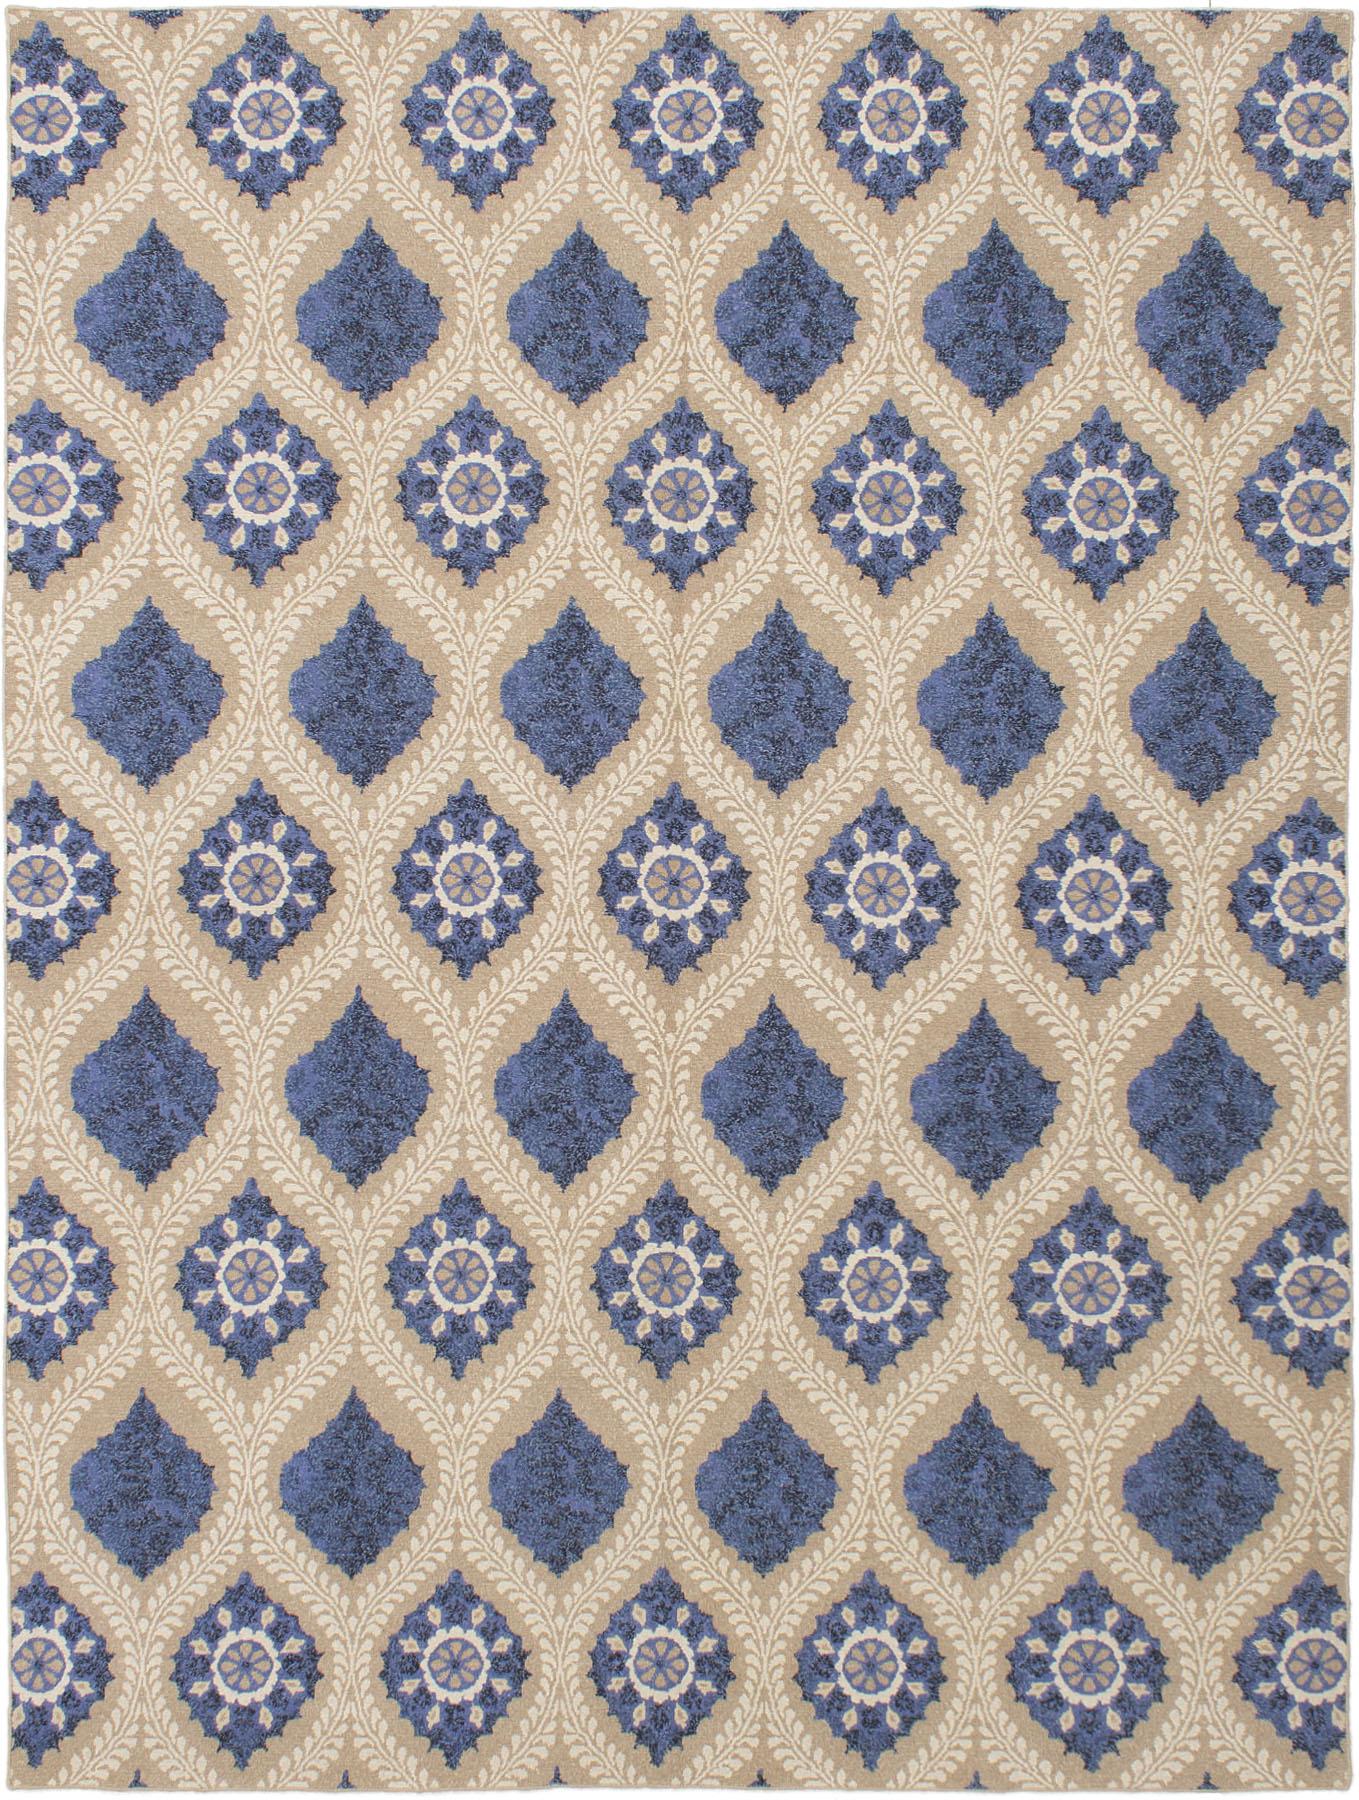 """Hand woven Tamar II Blue Wool Tapestry Kilim 8'6"""" x 11'6"""" Size: 8'6"""" x 11'6"""""""